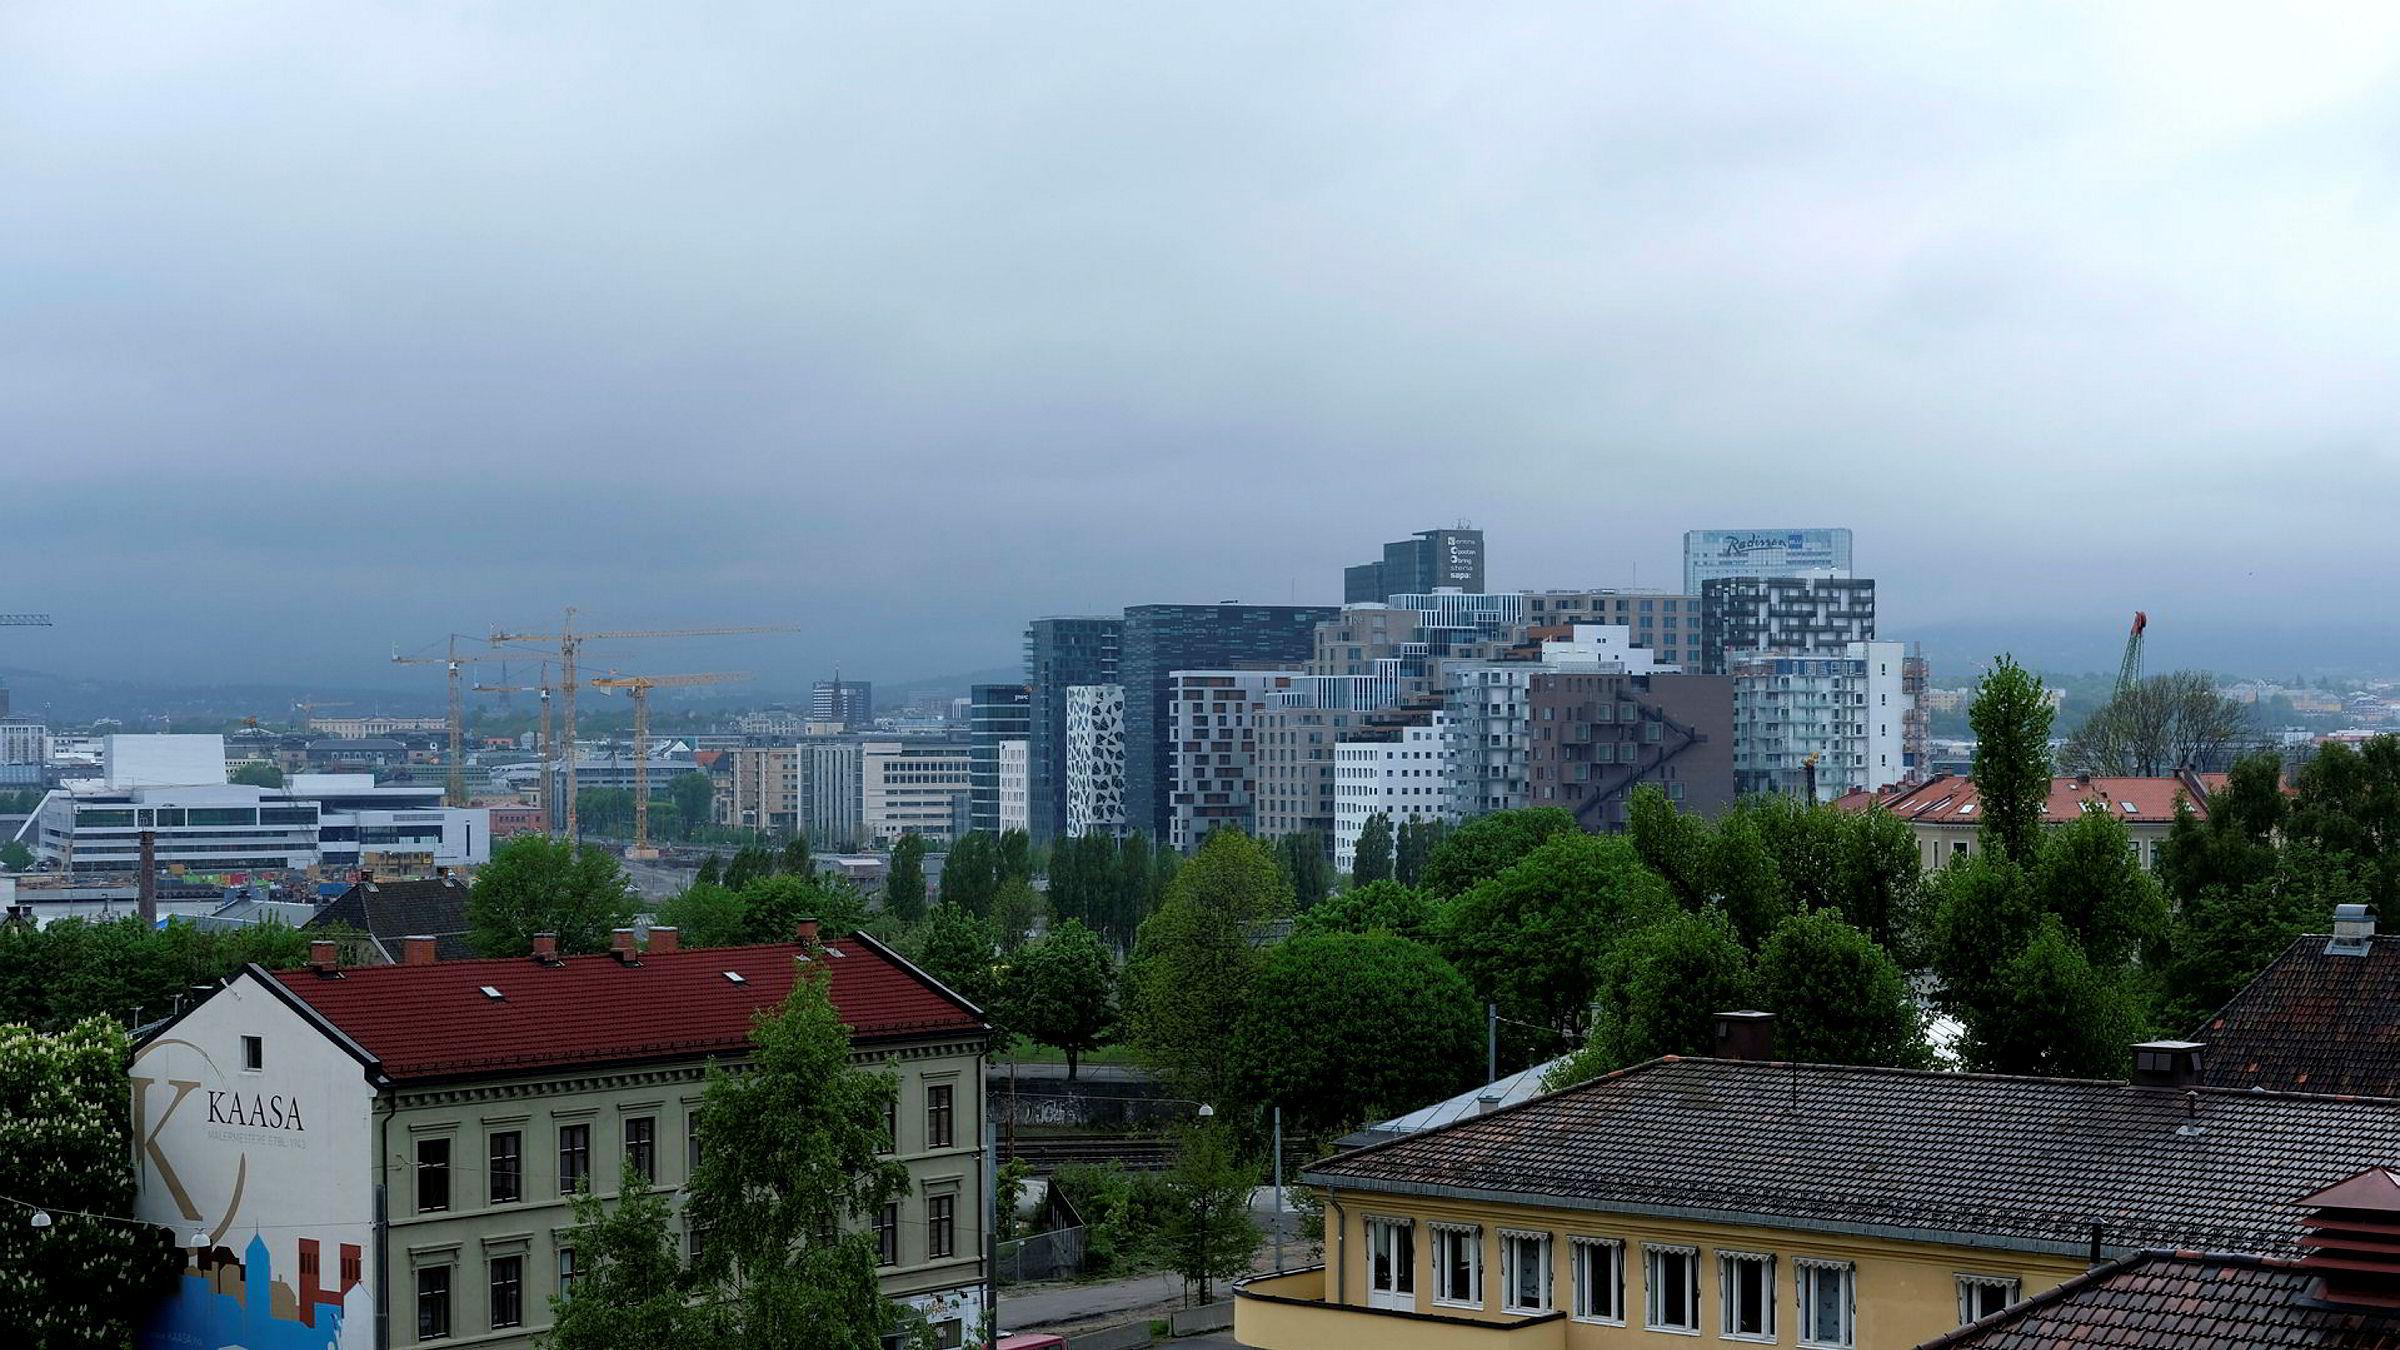 Spørsmålet er om prisfallet i Oslo er starten på et mer omfattende prisfall i boligmarkedet eller om det kun handler om en mindre korreksjon som snart vil bli avløst av ny prisvekst.